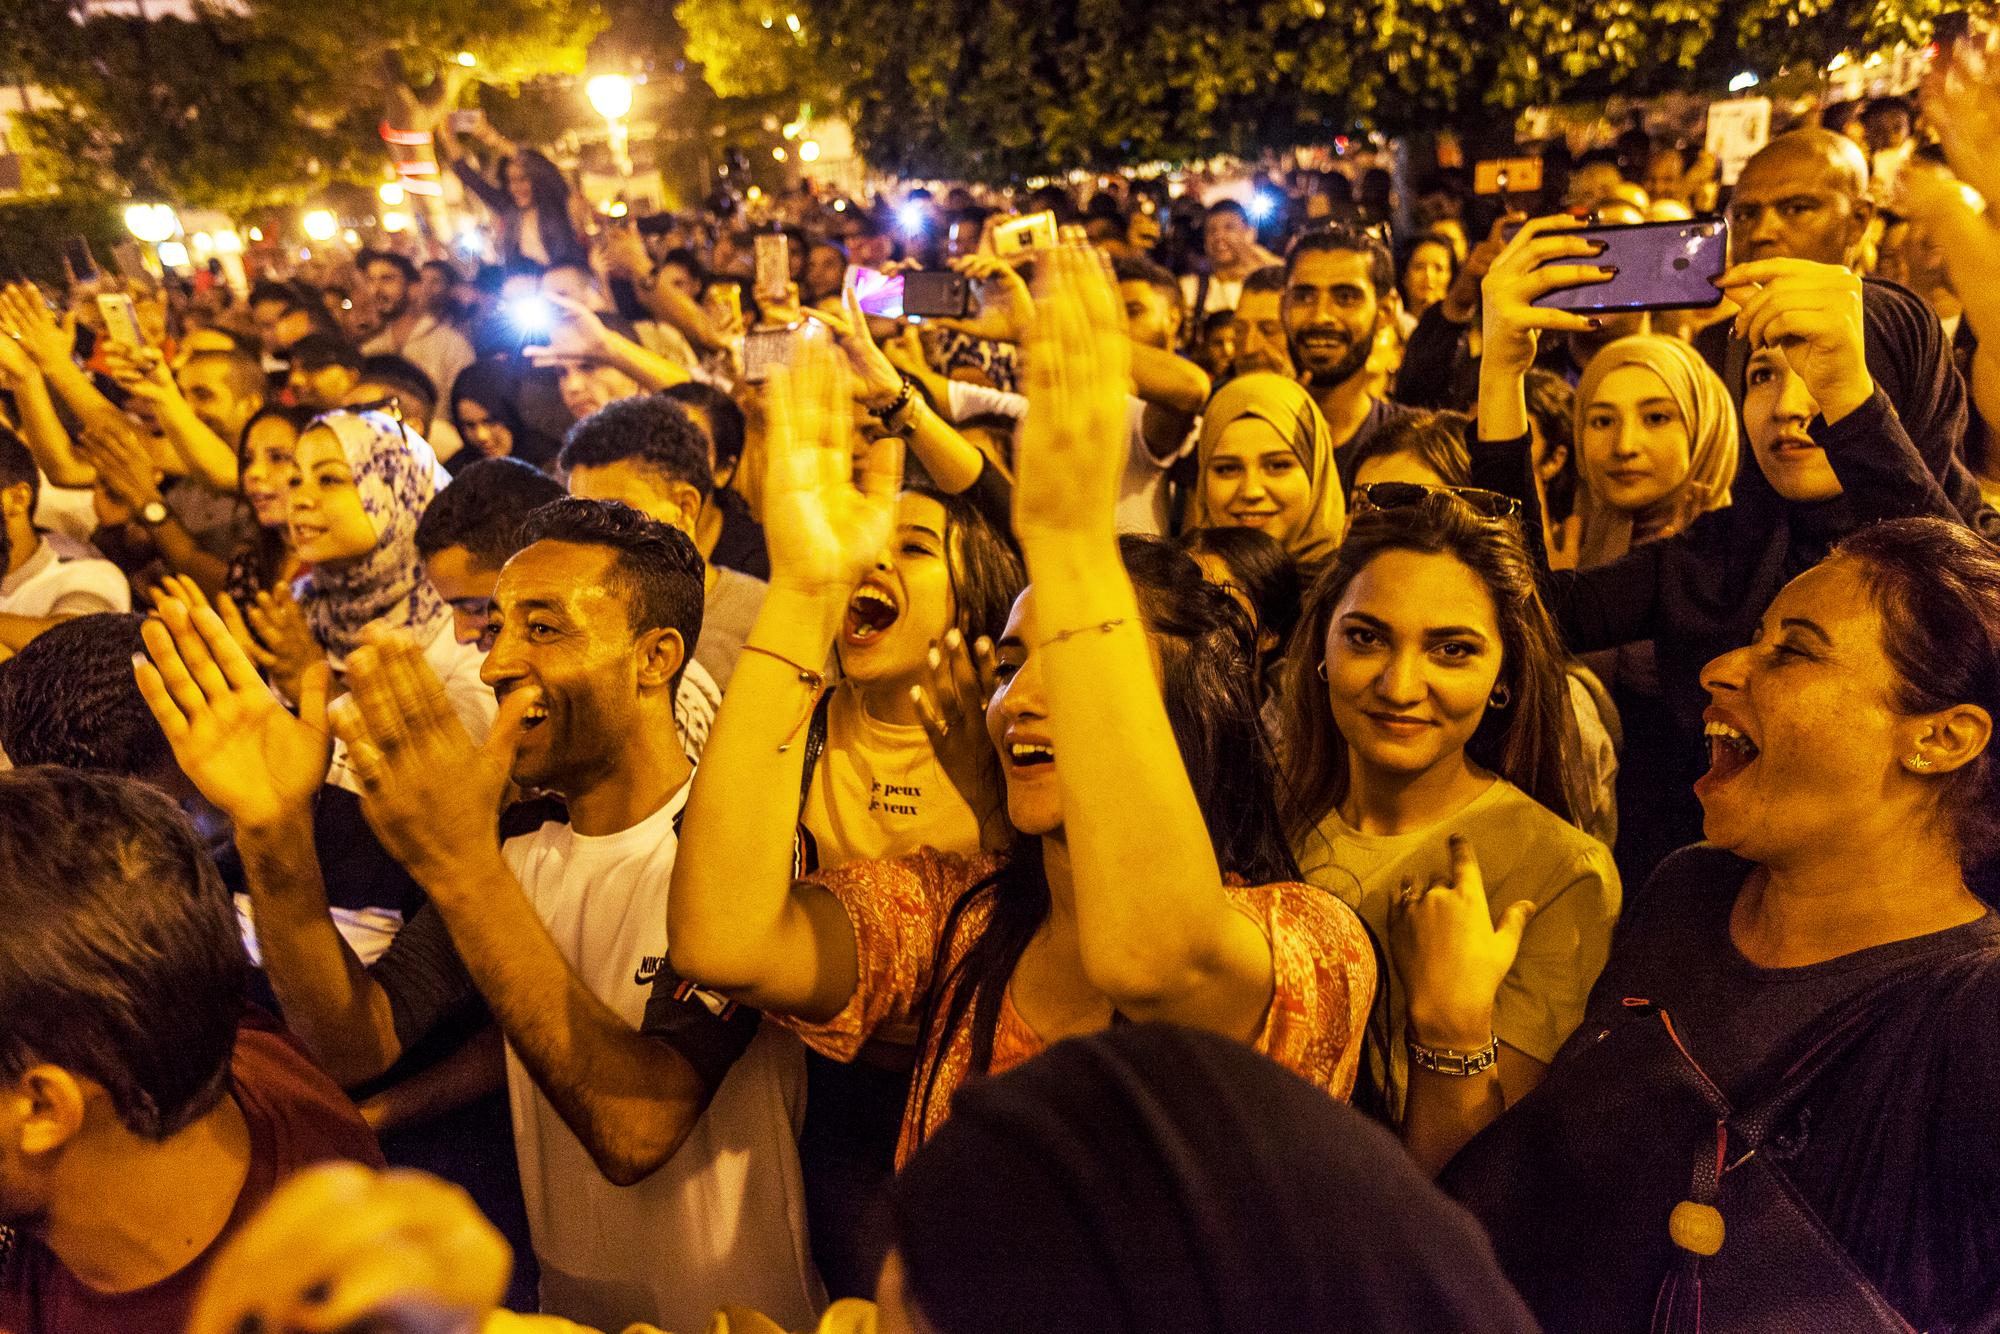 Les partisans du nouveau président célébrant la victoire de leur favori, à Tunis, le 13 octobre 2019.